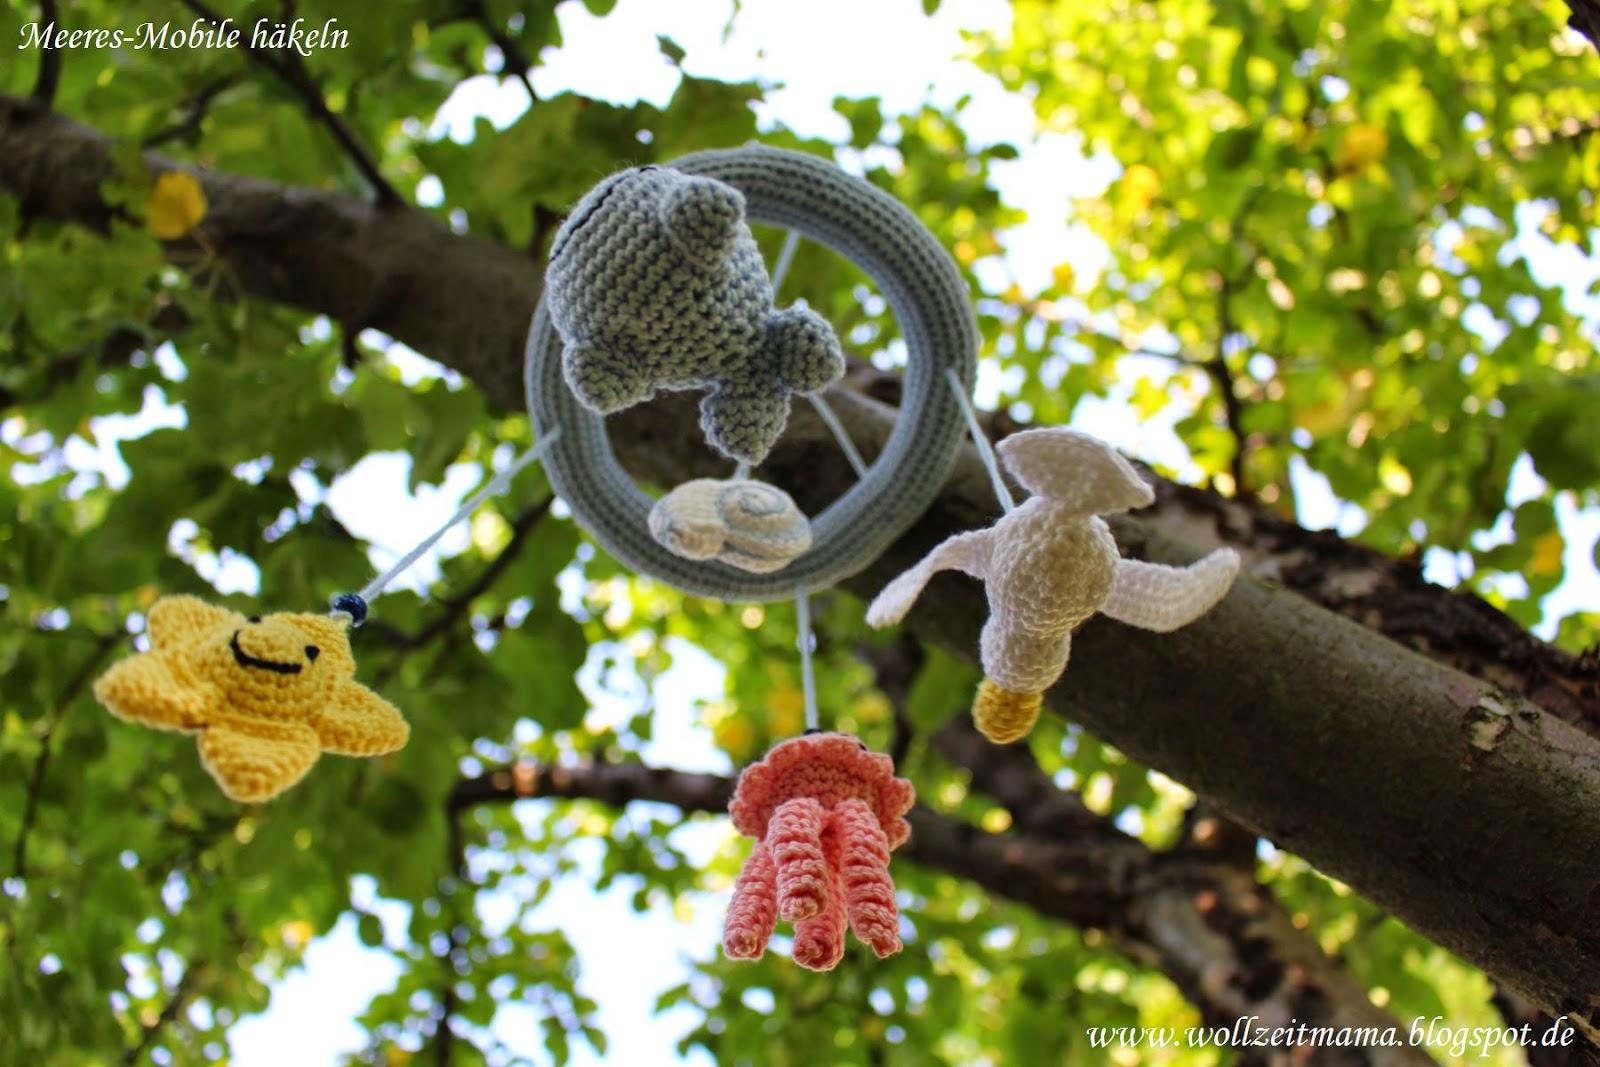 Häkeln für Kinder: Mobile mit Meerestieren, Amigurumi